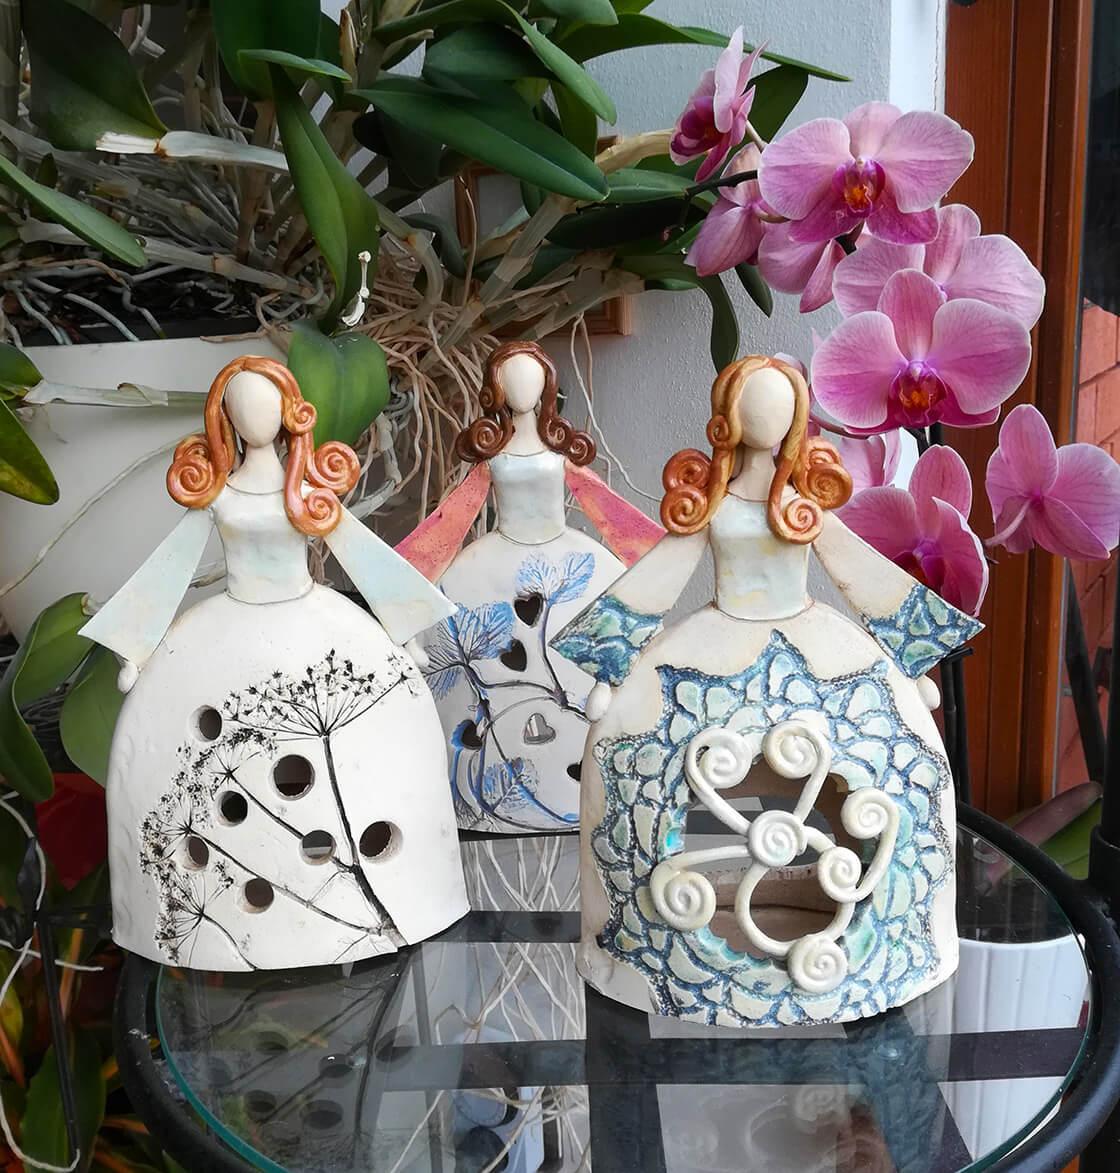 tři keramické princezny, panenky na svíčku, s květinovým a krajkovým motivem